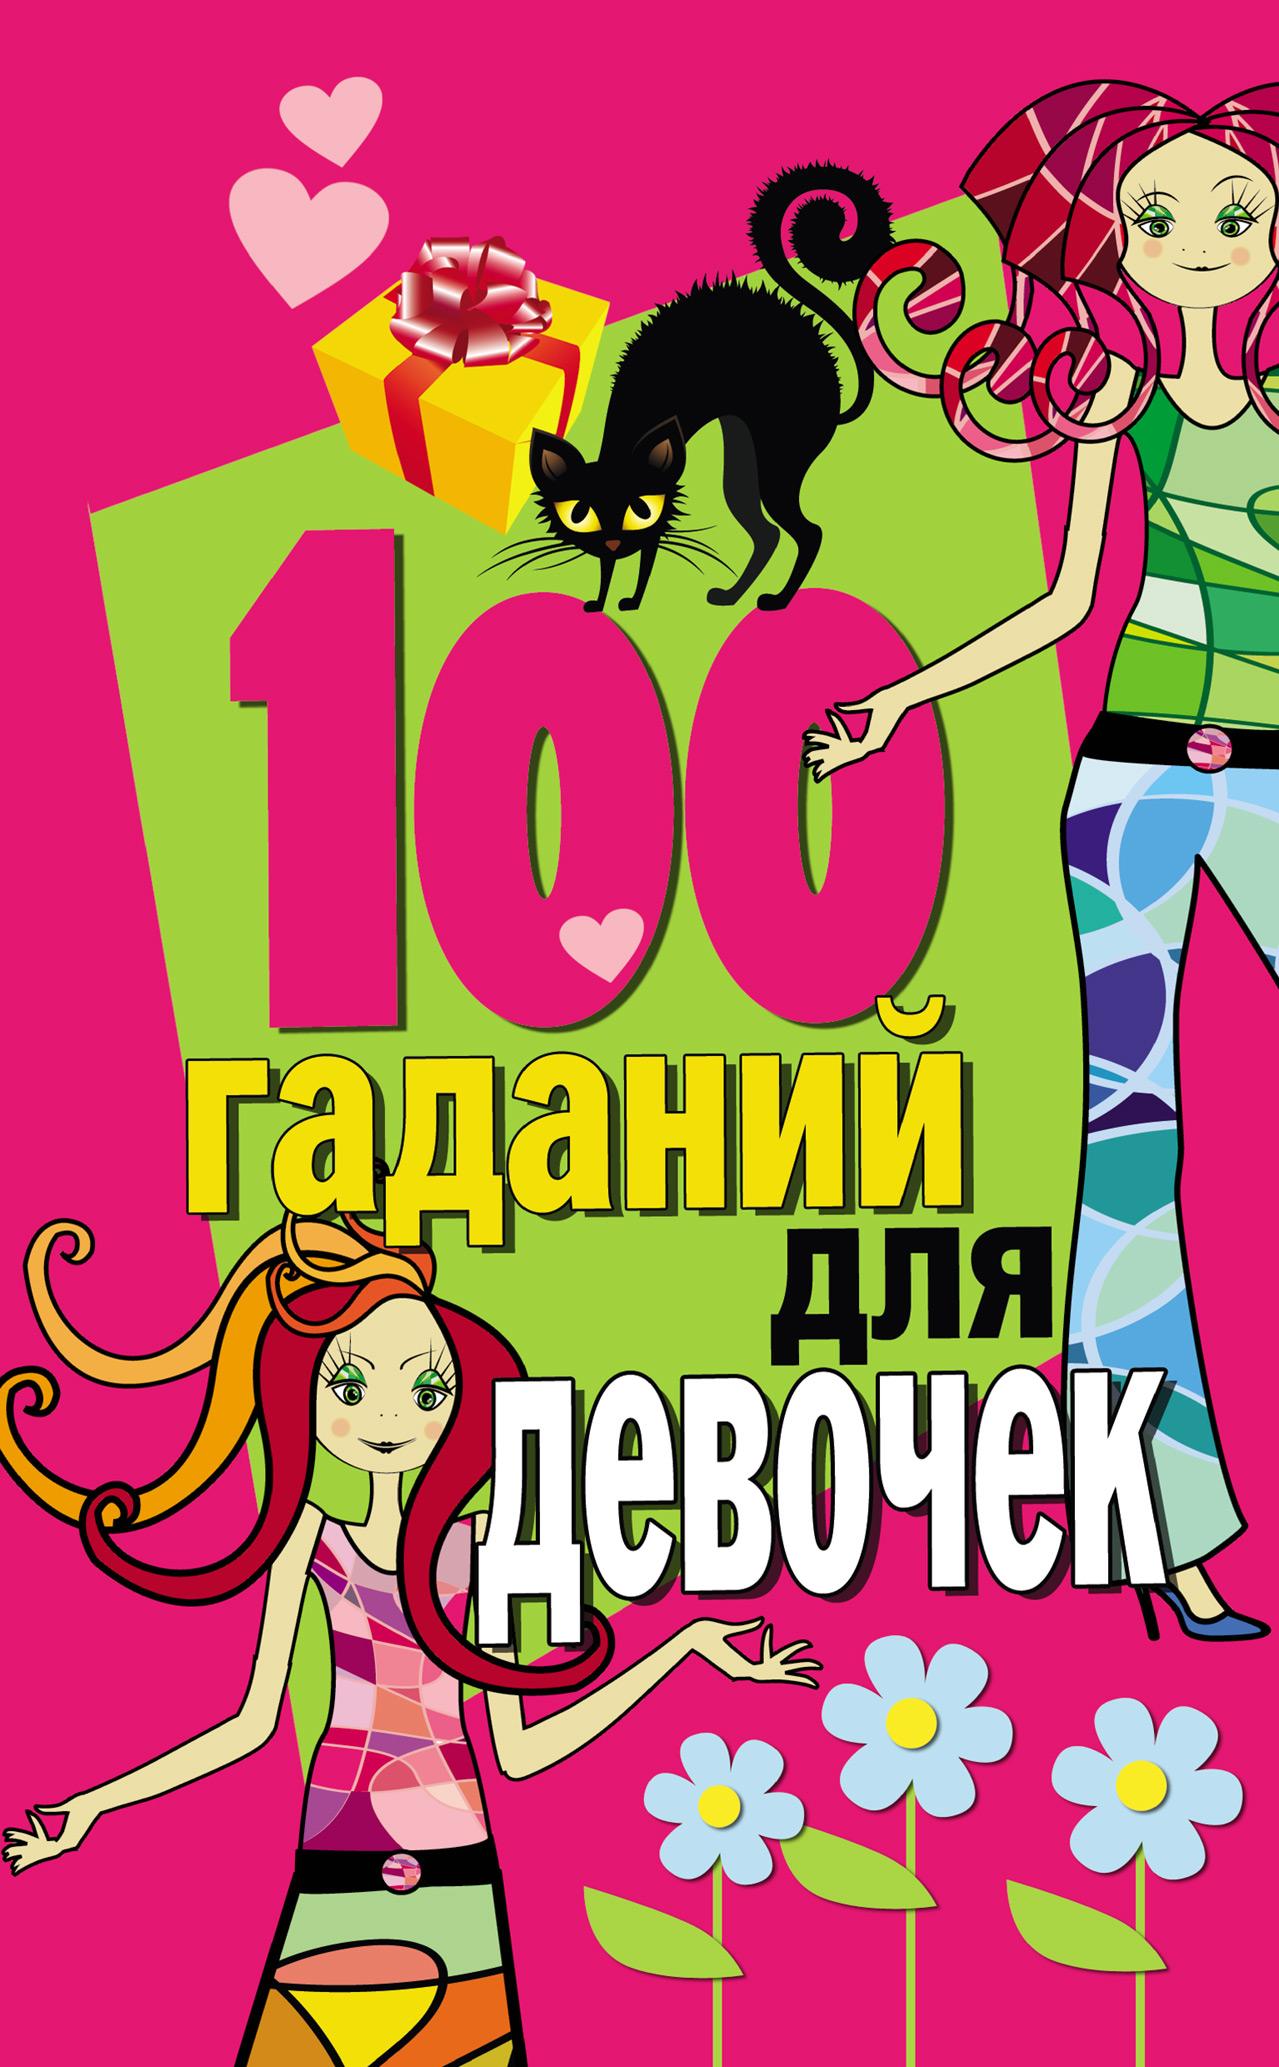 Отсутствует 100 гаданий для девочек цена и фото